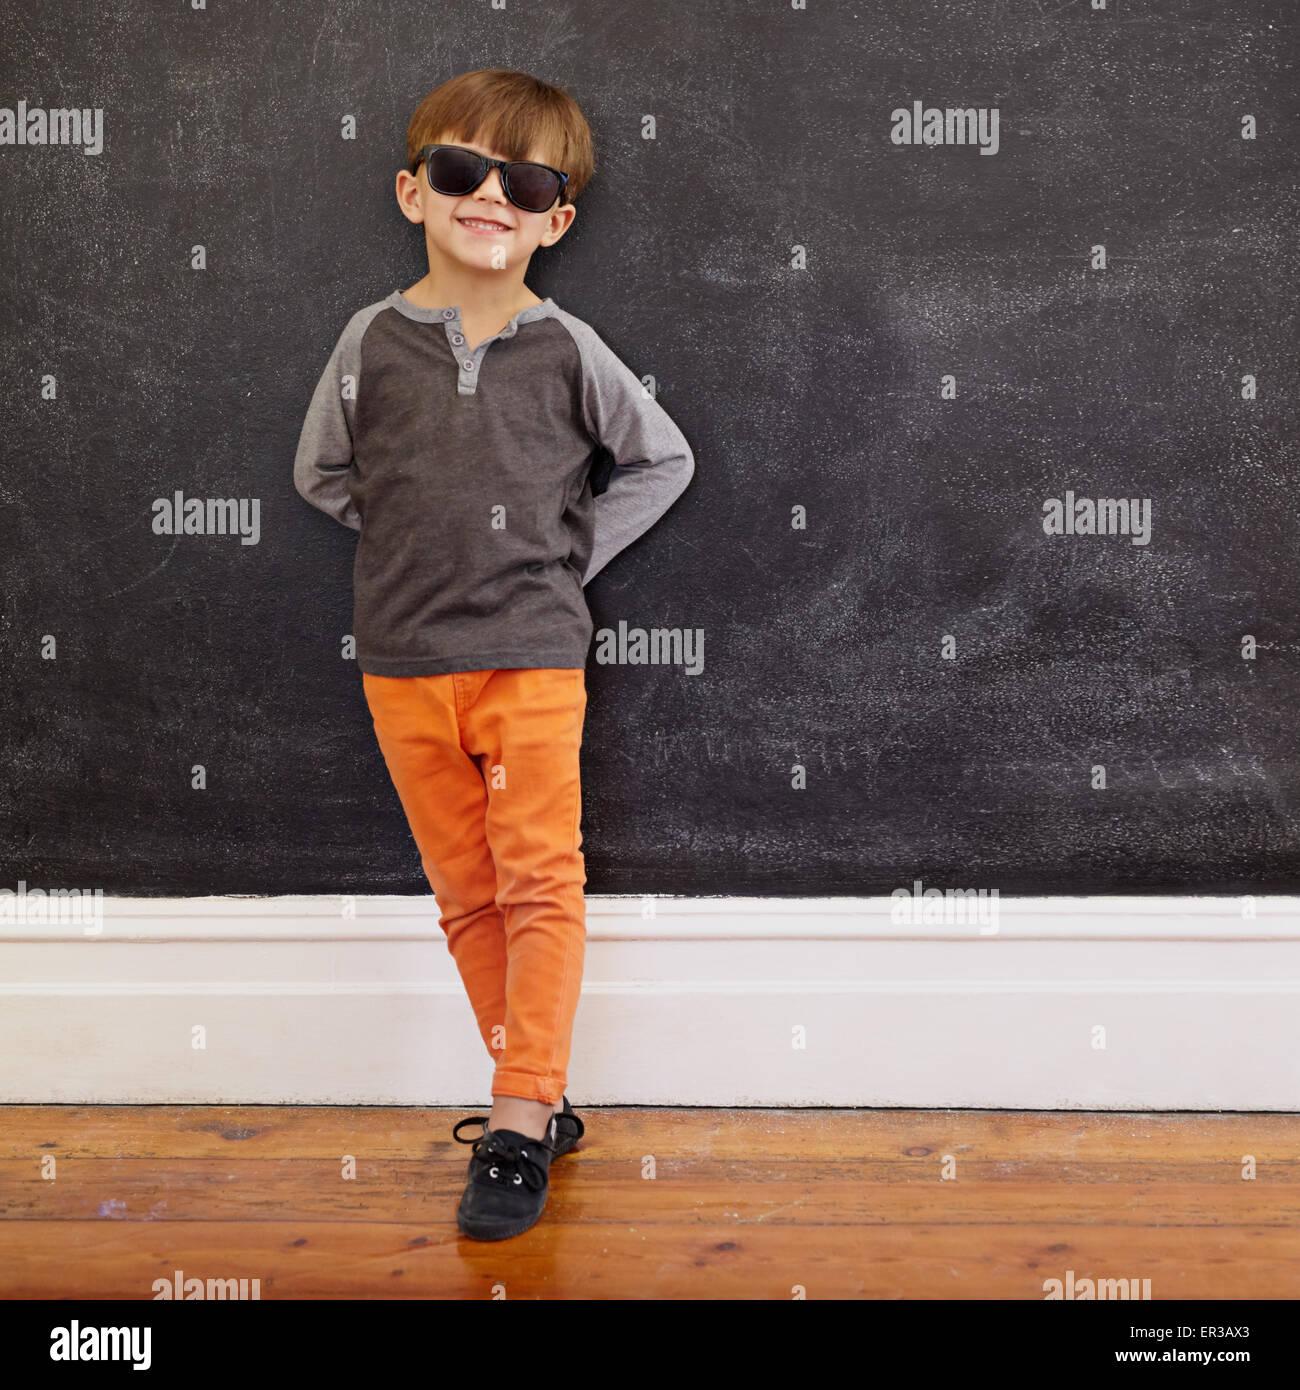 Toute la longueur de balle peu élégant garçon debout devant le tableau noir. Enfant de race blanche Photo Stock